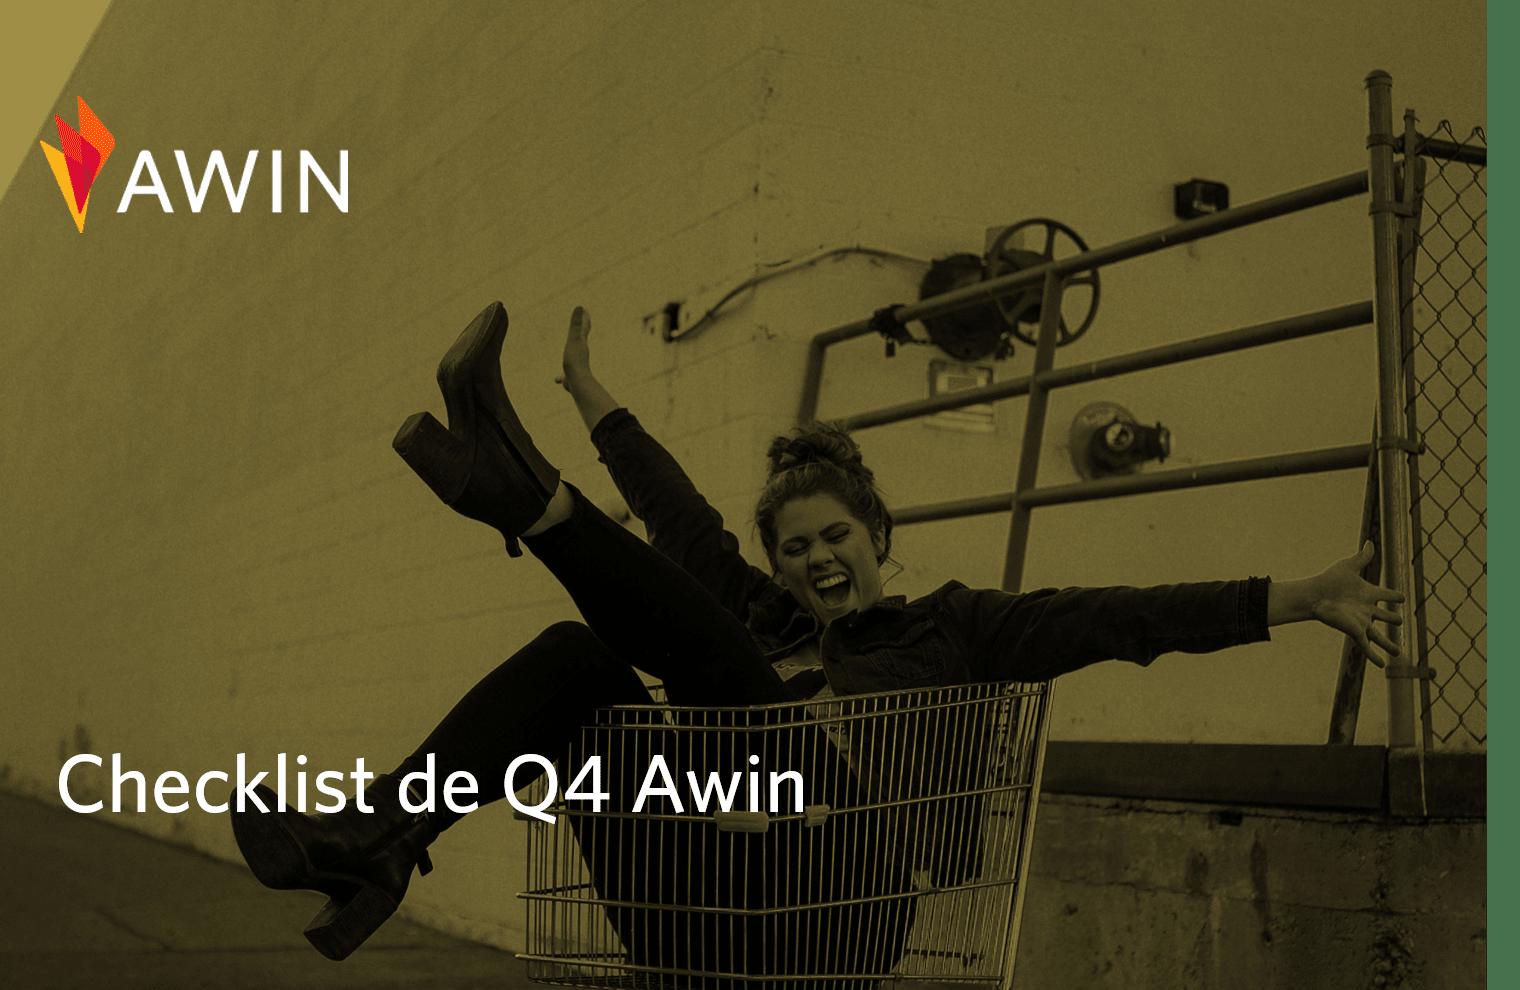 Se prepare para o Q4 com a checklist Awin